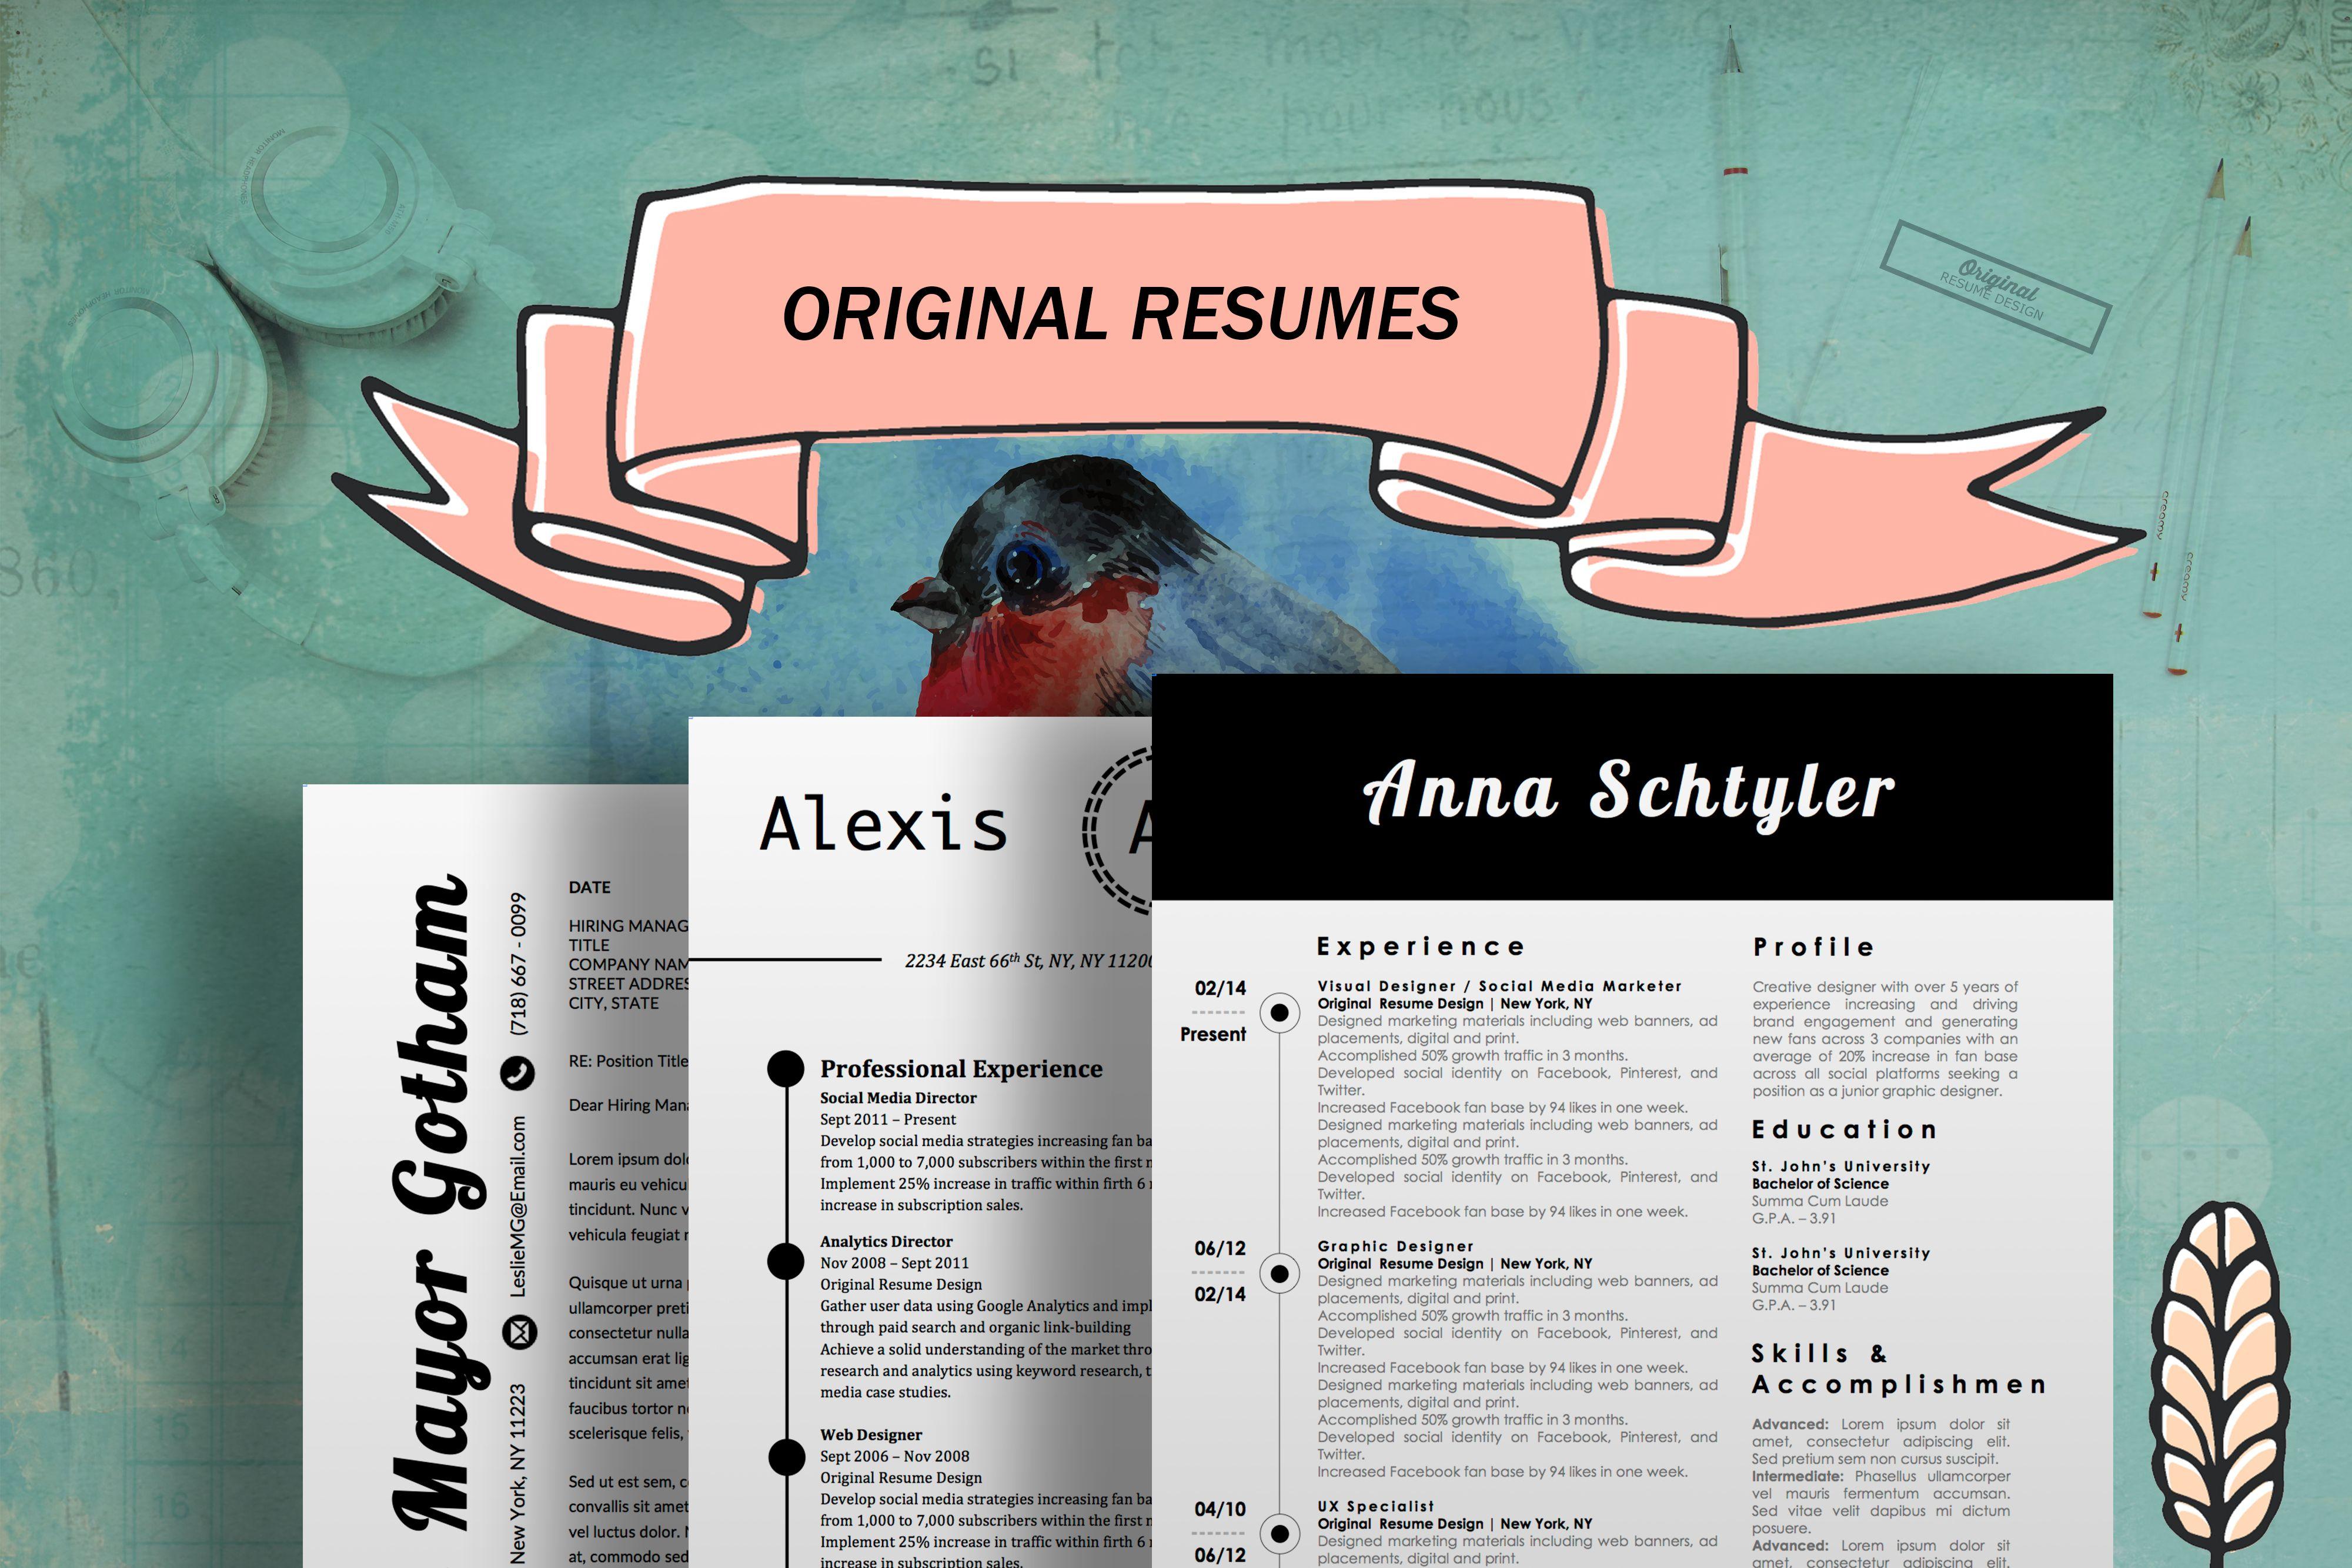 original resumes